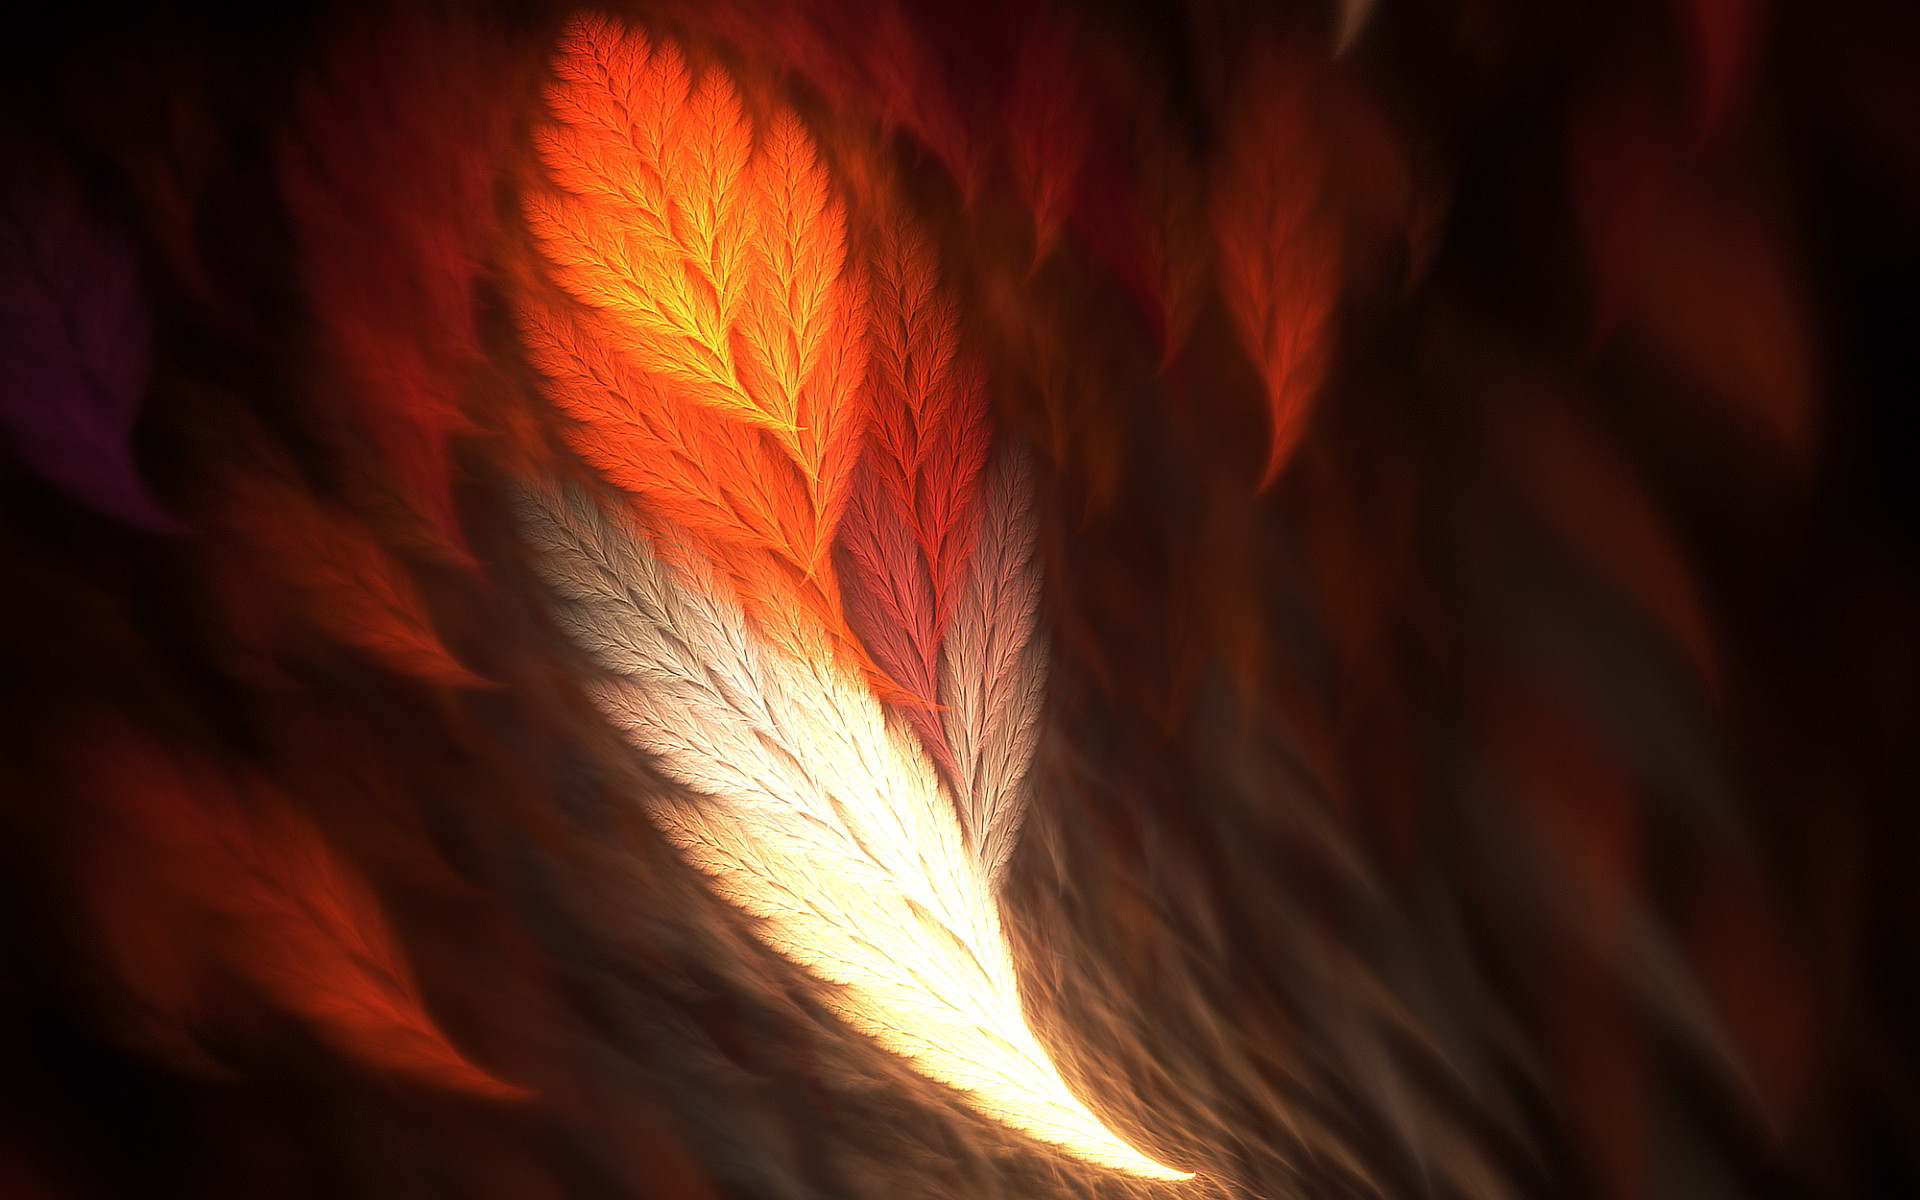 Dark Phoenix Wallpaper 68 images 1920x1200